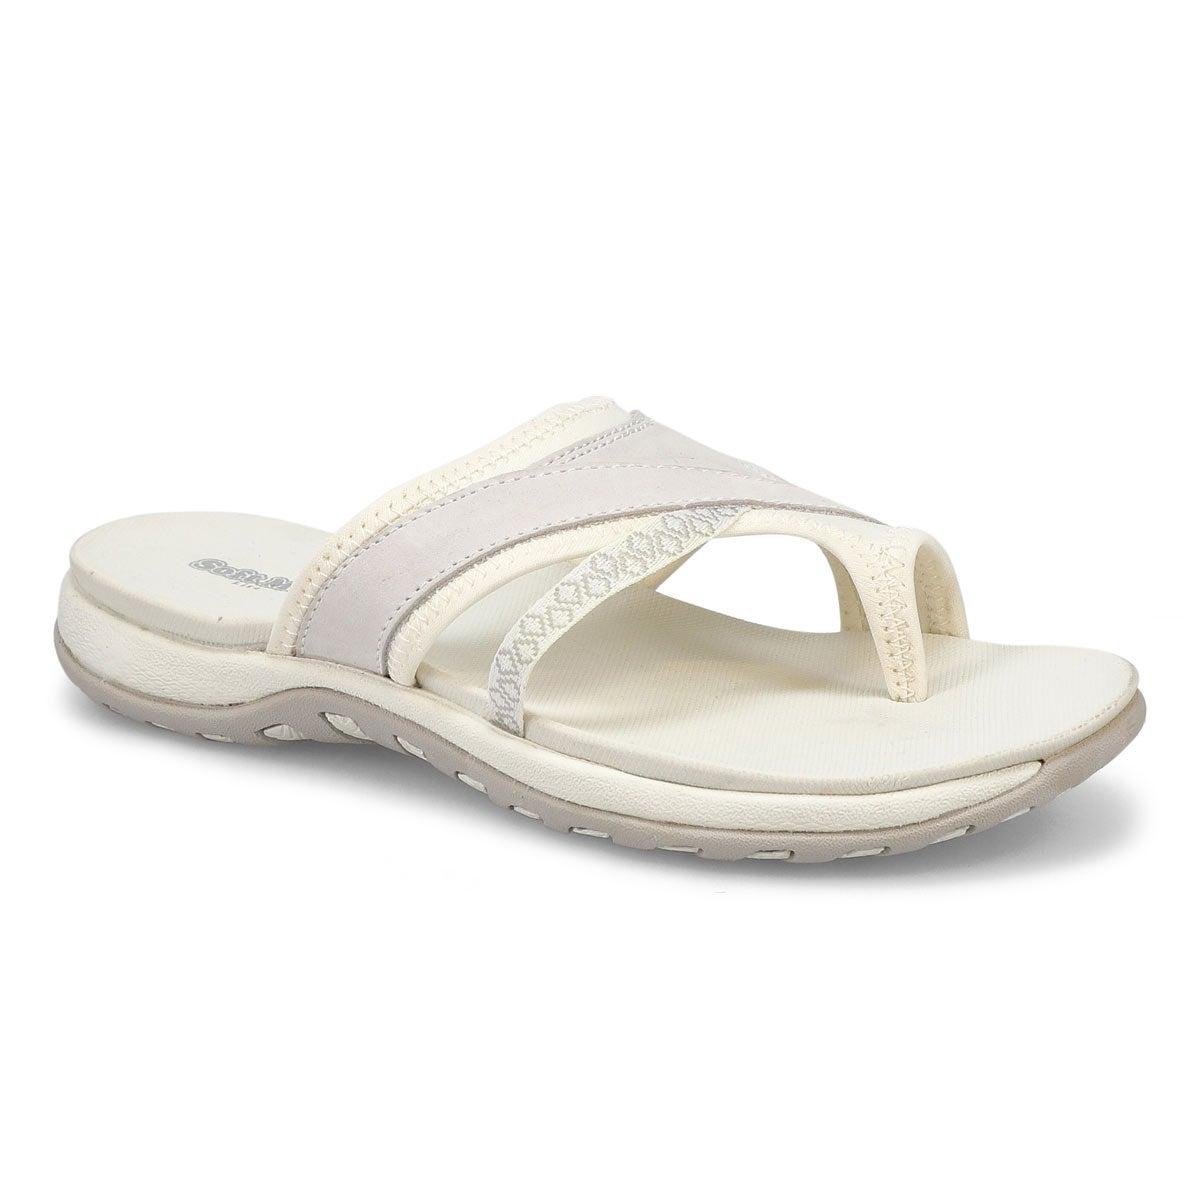 Women's Cynthia 2 Sandal - White